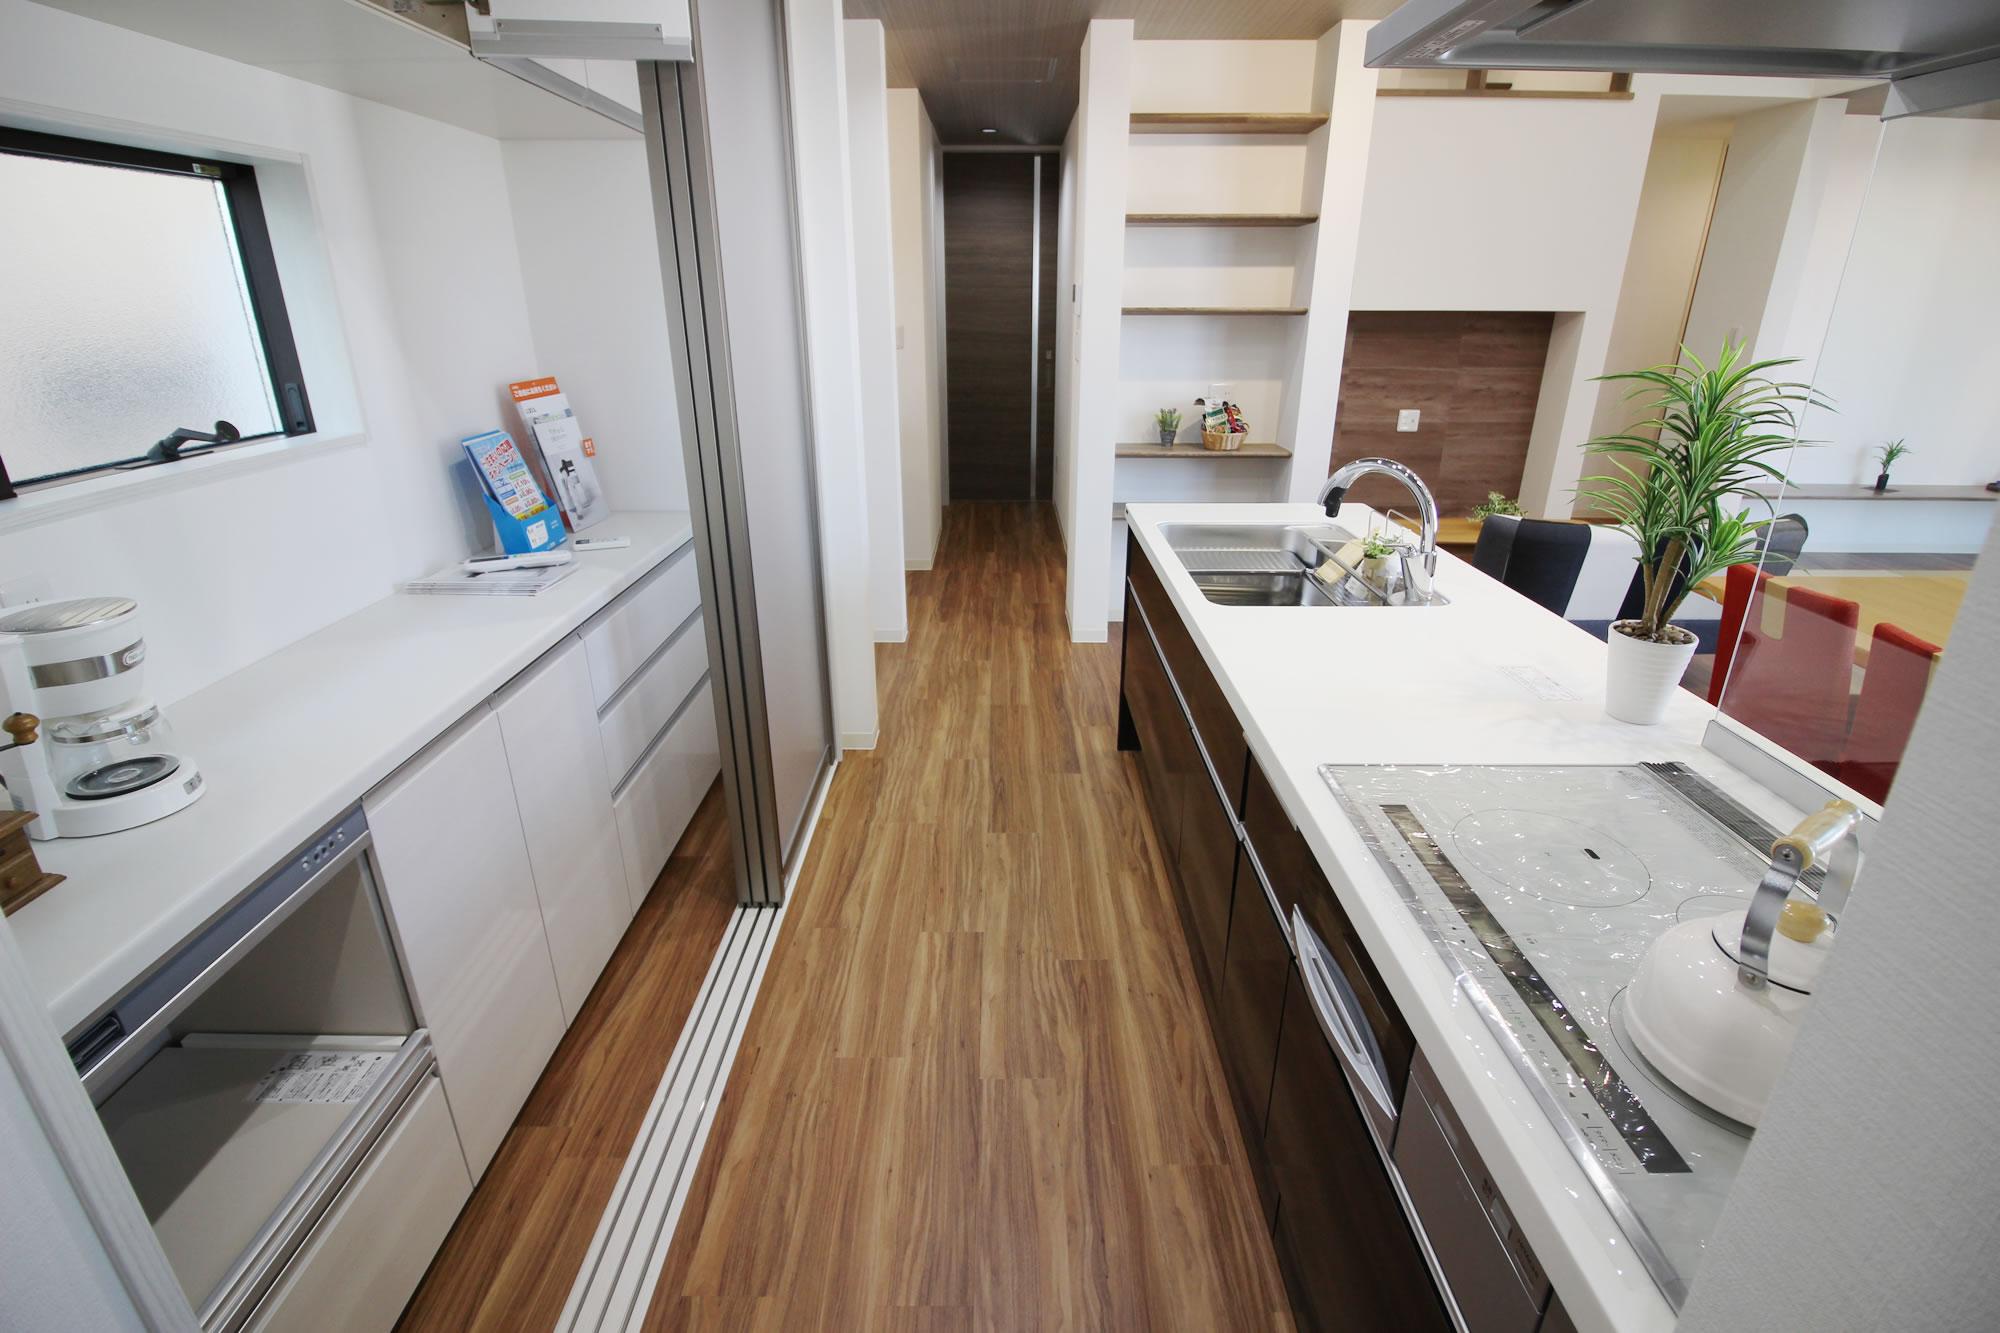 キッチンと目隠し収納